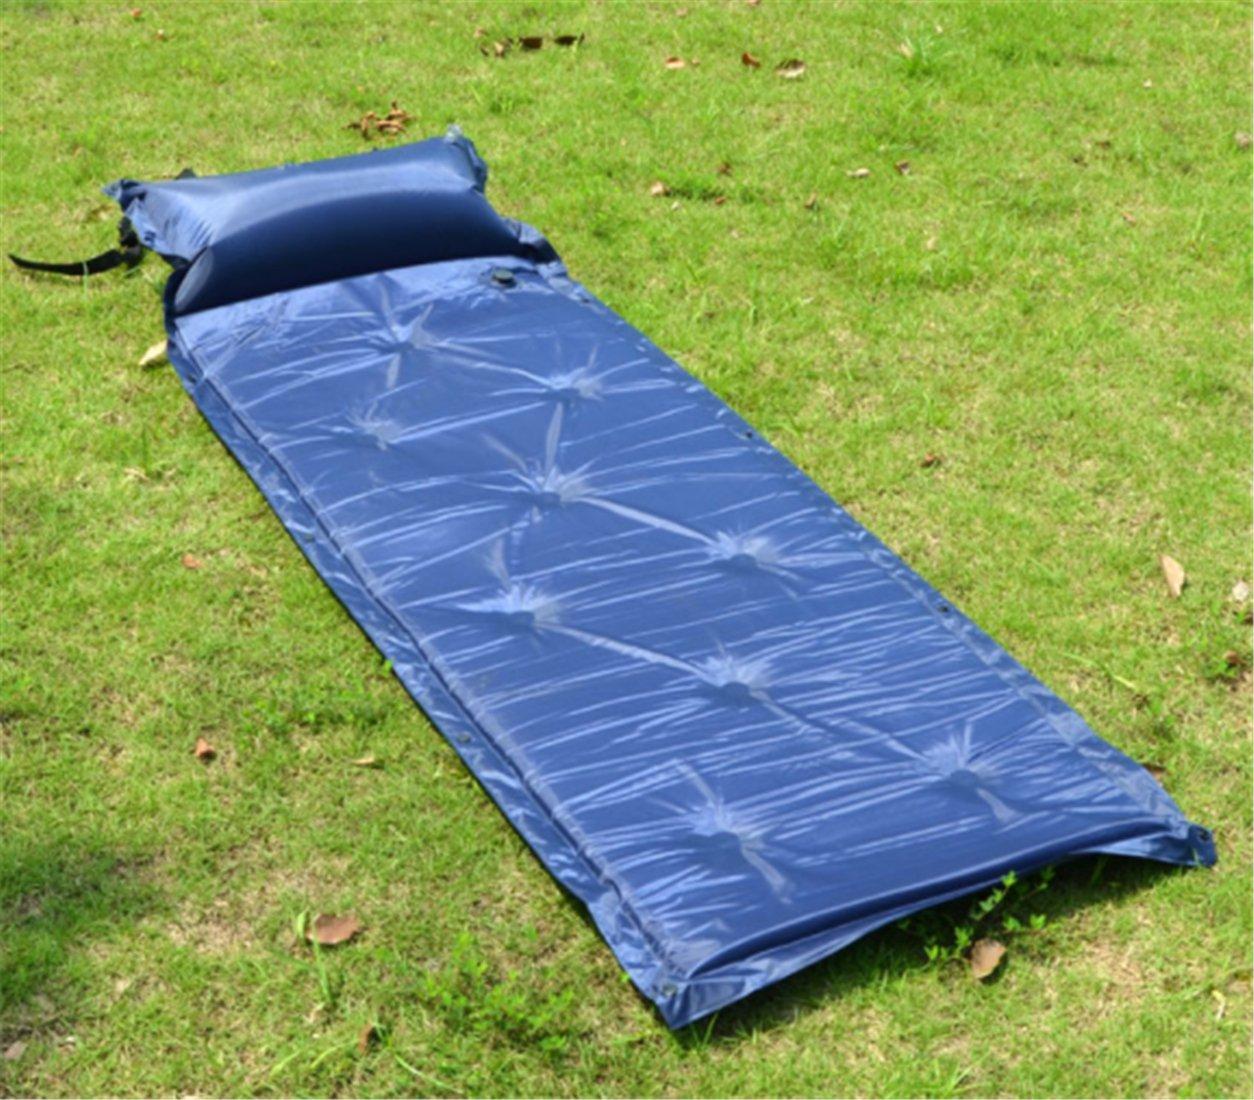 Yeying123 Outdoor-Zelt Automatische Aufblasbare Kissen Einzigen Kann Kämpfen Doppelte Feuchtigkeit Matte NAP Matte